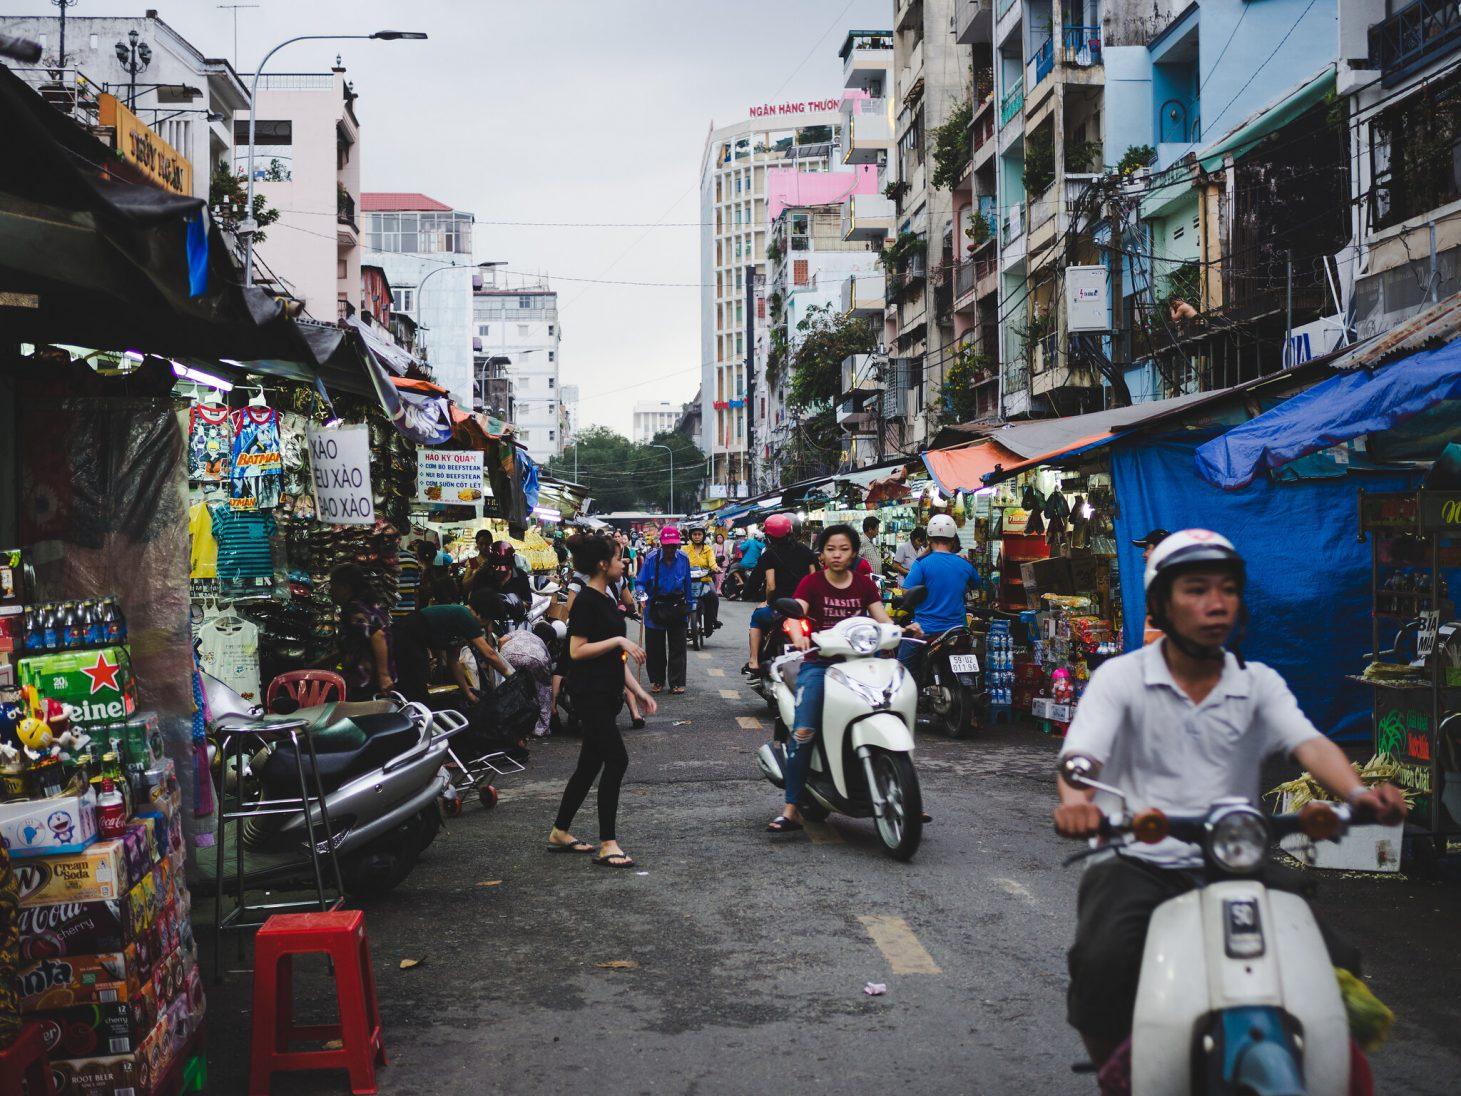 Street in Ho Chi Minh City. Photo by Adam Hinett, Flickr.